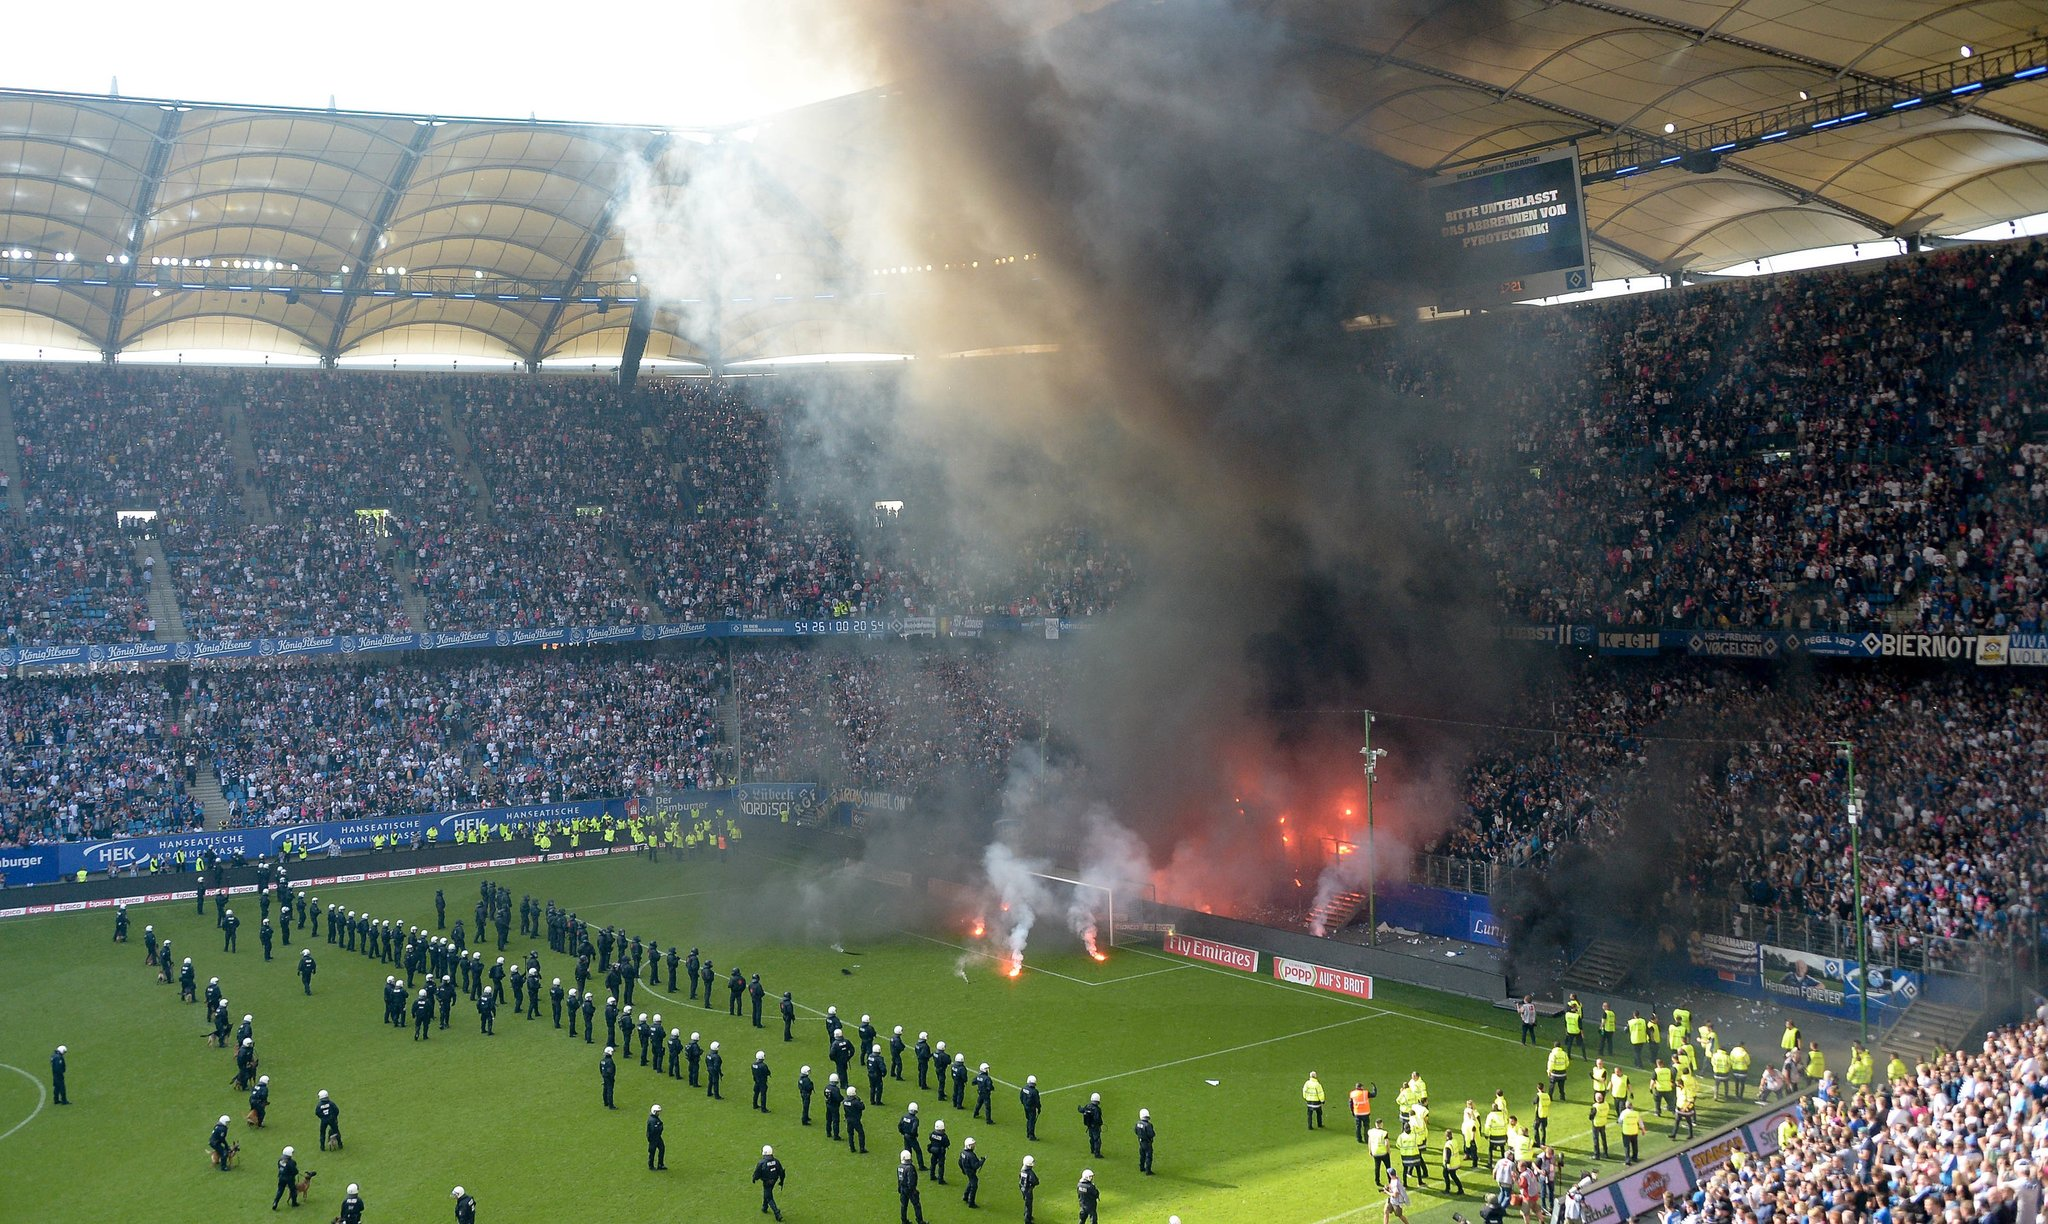 L'Amburgo è retrocesso in Zweite Liga, la seconda divisione tedesca, per la prima volta nella sua storia. Da quando esiste la Bundesliga, i Rothosen sono stati l'unica squadra a partecipare a tutte le 55 edizioni. All'Amburgonon è bastato aver vinto in casa contro il Borussia Moenchegladbach. Decisiva la vittoria del Wolfsbug contro il Colonia. È MORTO ELIO GIULIVI Nel finale del match l'arbitro è stato costretto ad interrompere l'incontro a causa di disordini sugli spalti. I tifosi dell'Amburgo hanno lanciato in campo dei fumogeni e appiccato un incendiocostringendo le forze dell'ordine ad intervenire. Polizia e sterwards hanno formato un cordone